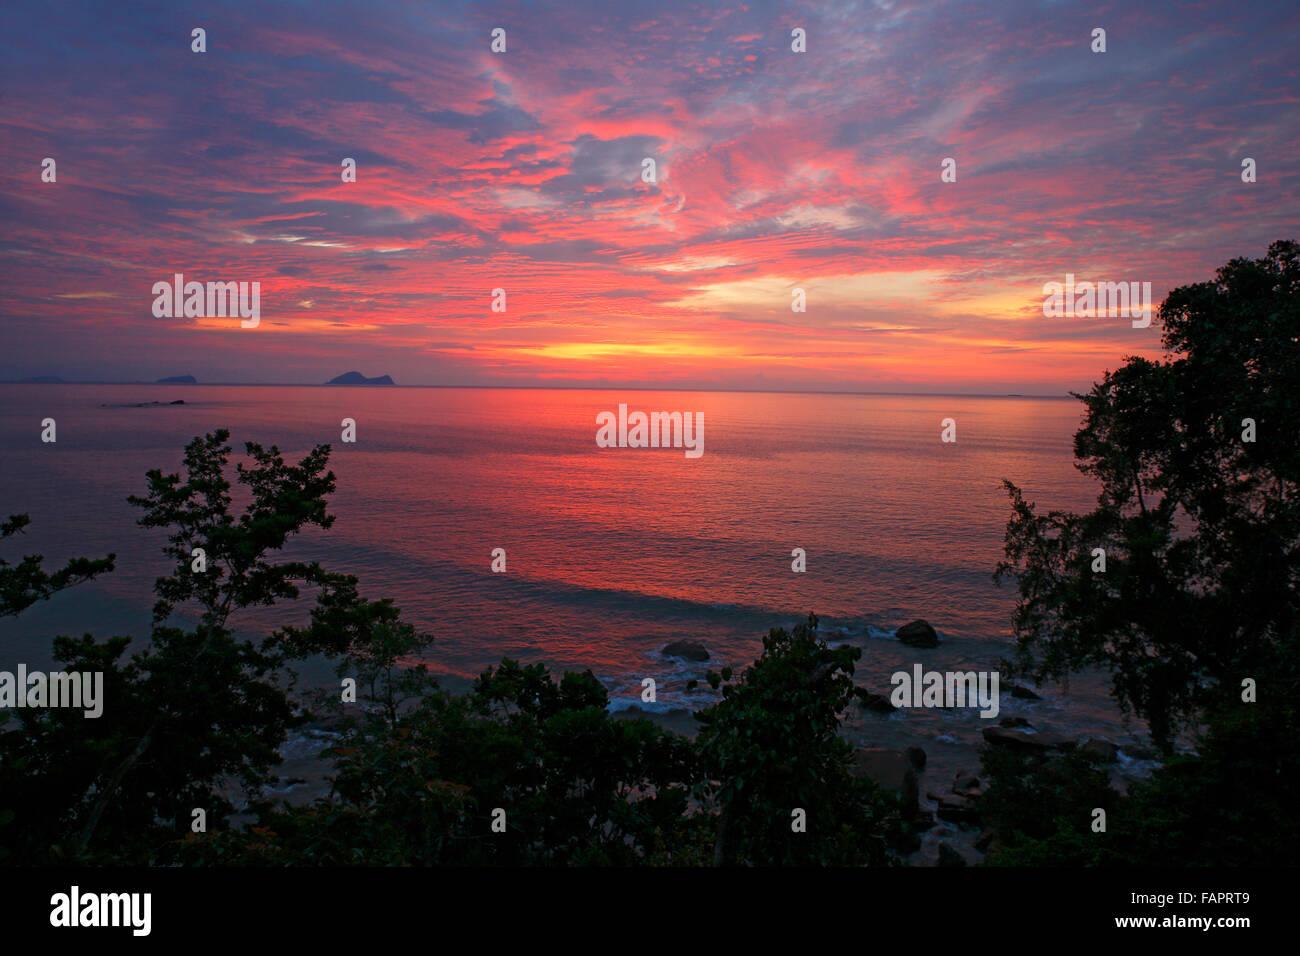 Sunset over the South China Sea, coast at Permai Rainforest, Sarawak, Borneo, Malaysia, Asia - Stock Image